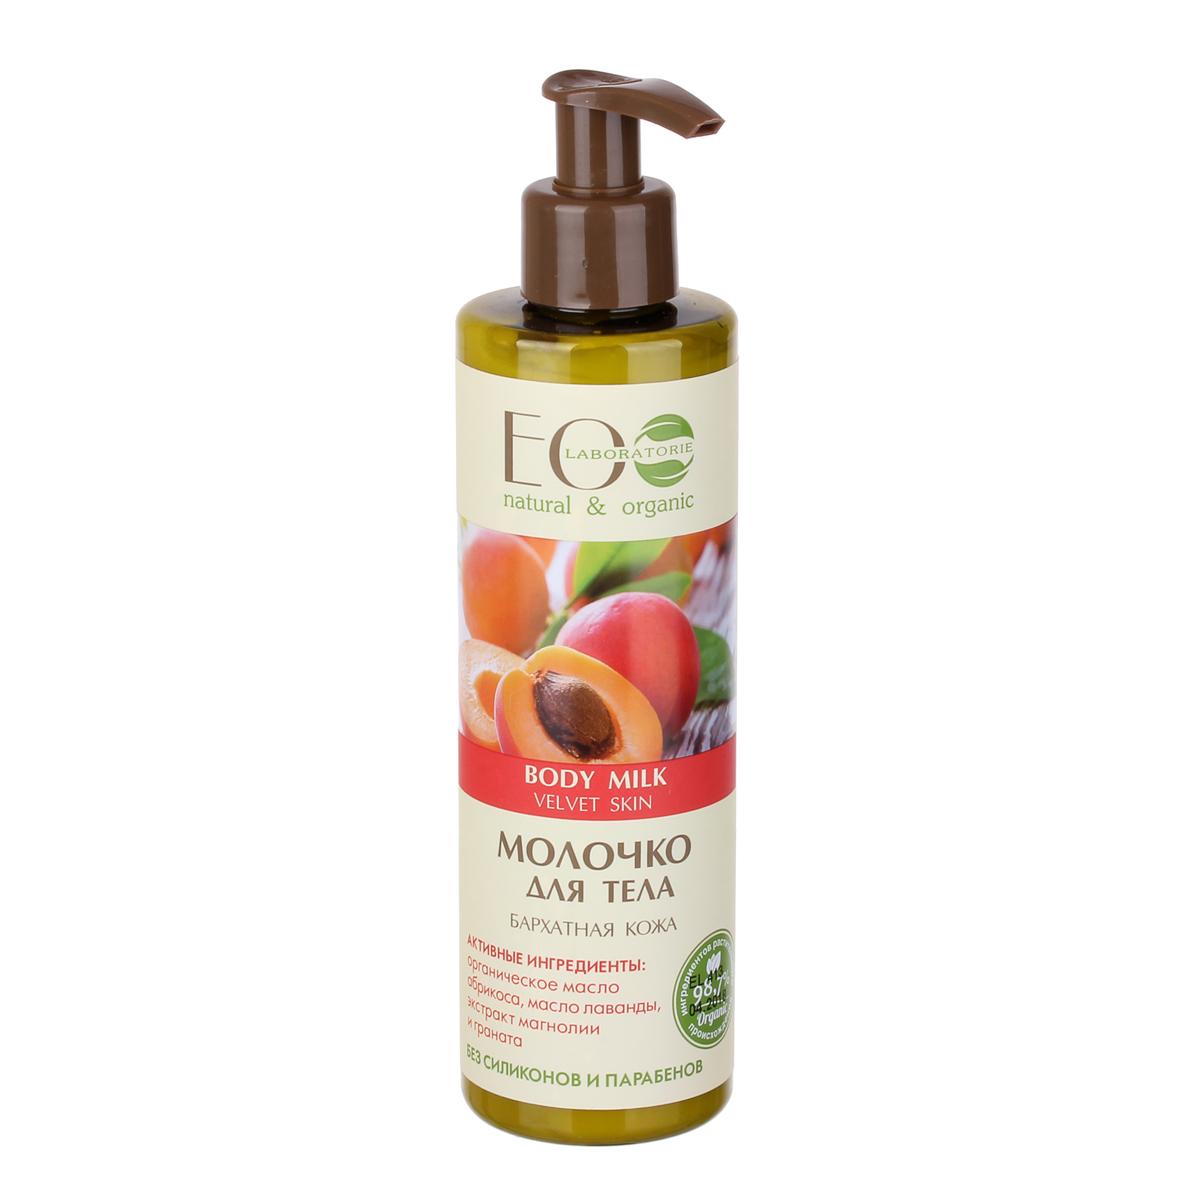 EcoLab ЭкоЛаб Молочко для тела Бархатная кожа 250 млFS-00897Способствует поддержанию молодости кожи, ее обновлению и восстановлению. Увлажняет, смягчает кожу, делает её шелковистой, препятствует обезвоживанию, нейтрализует вредное воздействие ультрафиолетовых лучей.Активные ингредиенты: органическое масло абрикоса, масло лаванды, экстракт магнолии и граната